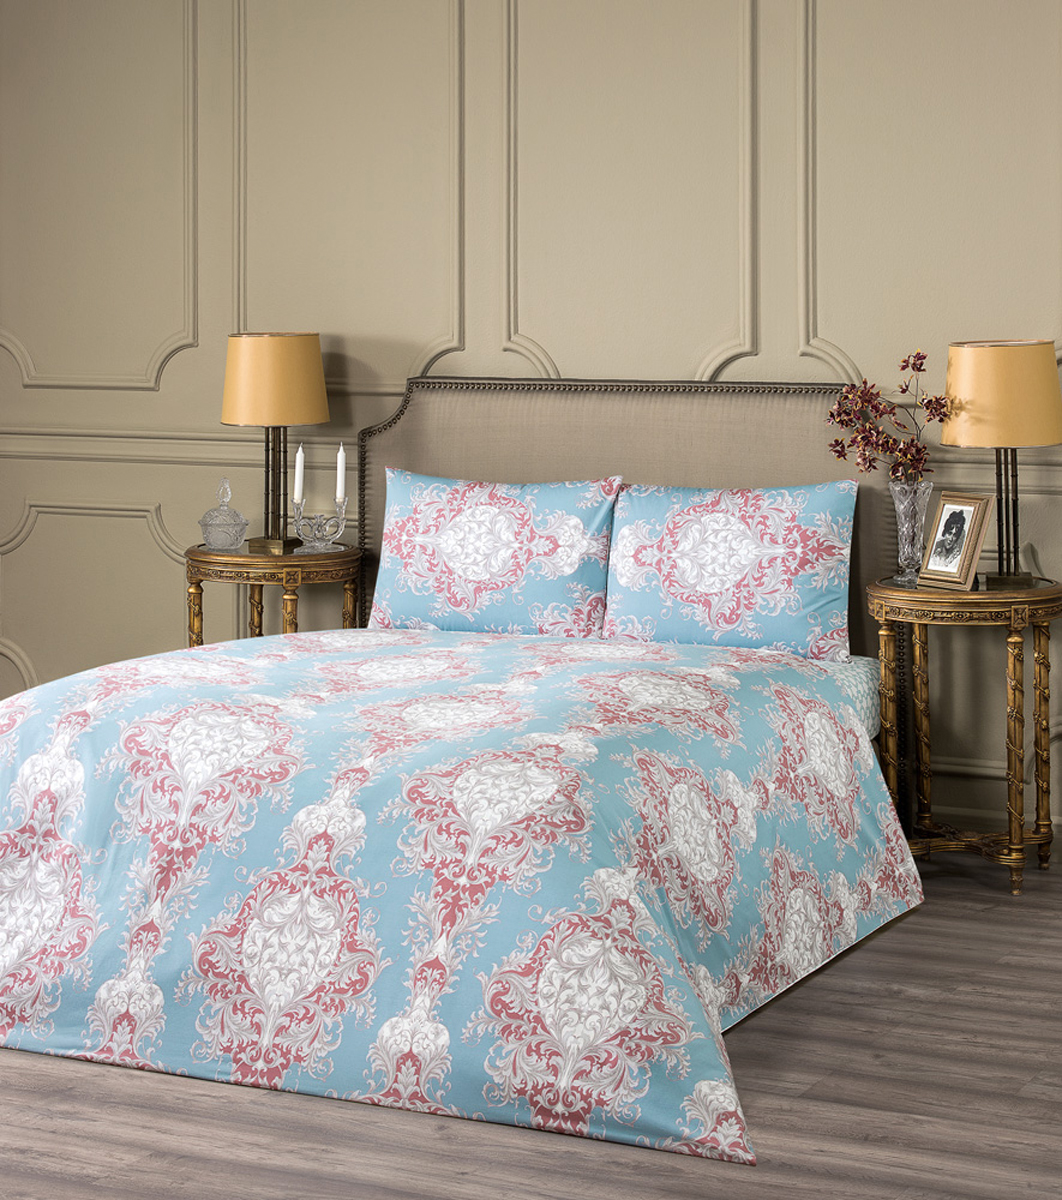 Комплект белья Estia Равелло, 1,5-спальный, наволочки 50x70, цвет: голубой99.57.55.0105Комплект белья Estia Равелло наполнит вашу спальню уютом и красотой. Комплект приятен на ощупь и не капризен вуходе. ESTIA - бренд домашнего текстиля группы компаний Togas. Основанная в 1926 году в Греции предпринимателем Илиасом Тогасом, компанияодна из первых применила новаторские методы пошива и декорирования постельного белья и заслужила репутацию ведущего эксперта втекстильном деле. Верность семейным традициям качества и новаторский дух - главные слагаемые успеха Togas, чьи достижения изменилиоблик современной текстильной промышленности и наши представления о комфорте. ESTIA - это итальянская классика, где винтажный стиль и щедрое использование аутентичных элементов декора дополняются высокимкачеством тканей.Все это, а также исключительная практичность и простота в эксплуатации делают продукцию бренда эталоном современного комфорта.Если вы искали совершенства - вы его нашли: ESTIA - это настоящее украшение, которое преобразит не только ваш интерьер, но и вашу жизнь.